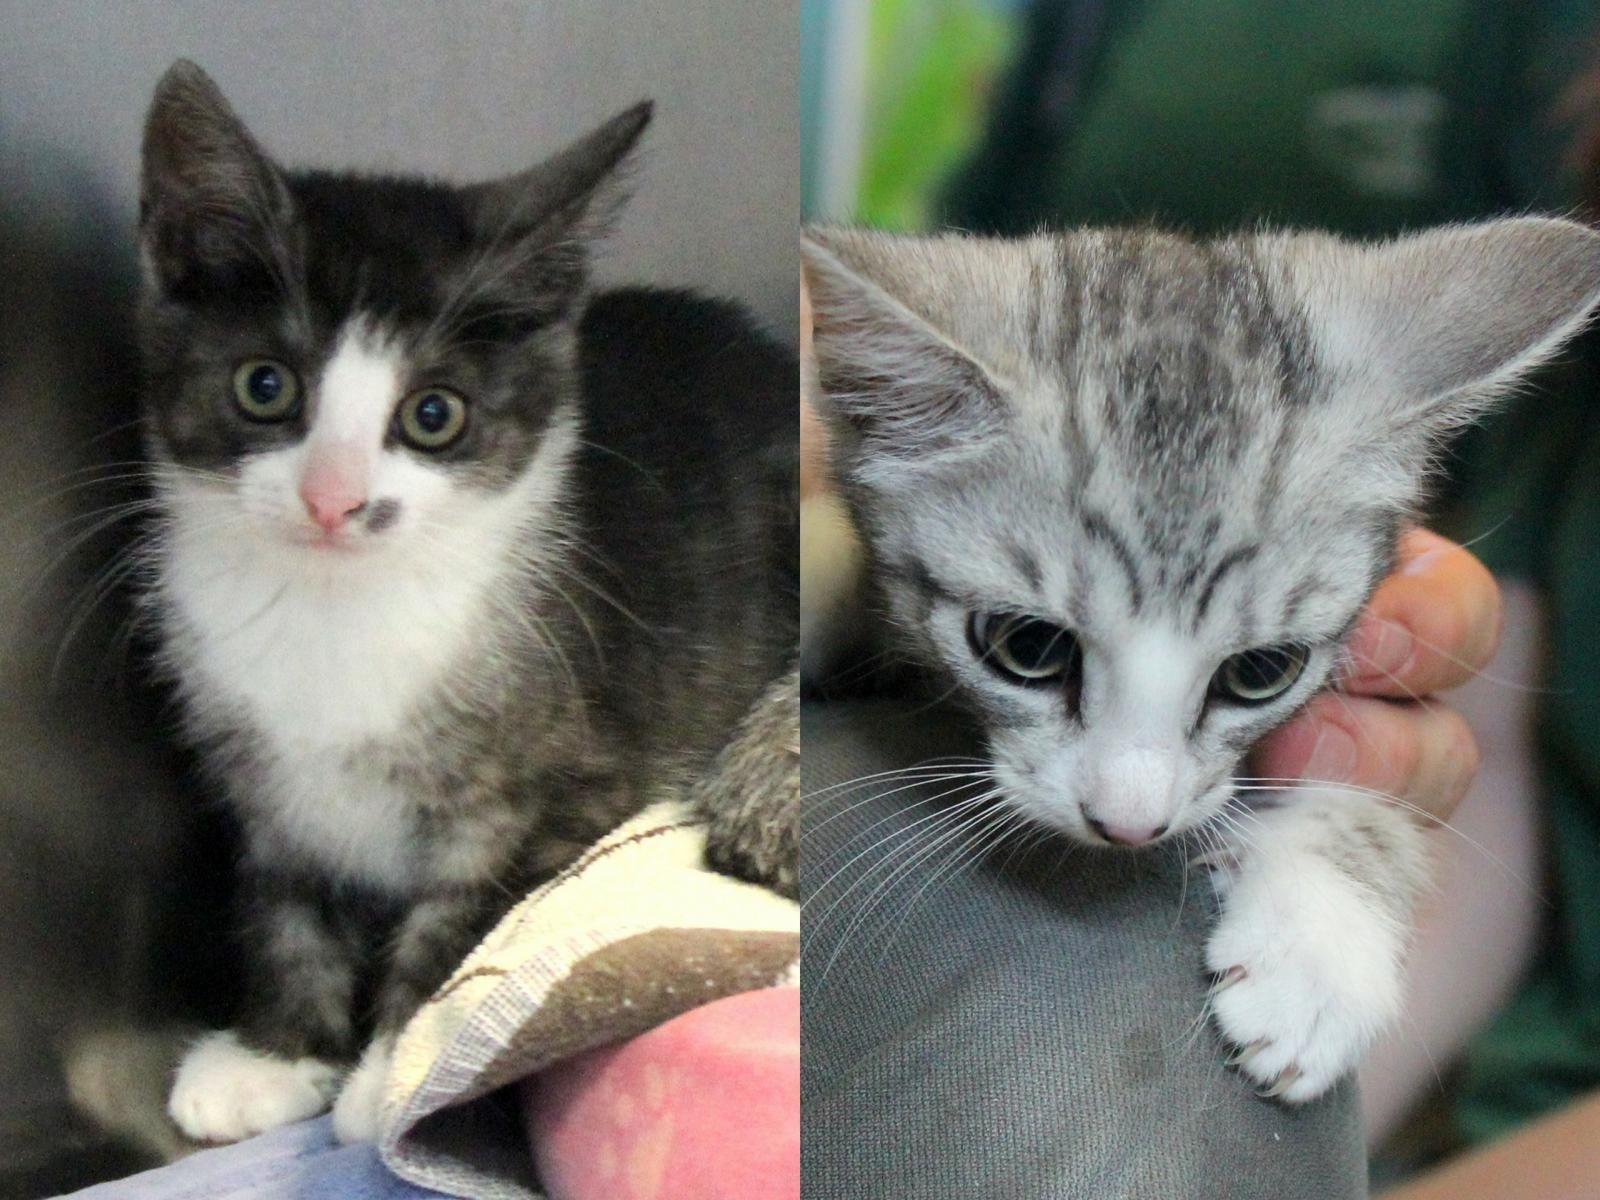 Lisa Und Mona Rasse Europaisch Kurzhaar Geschlecht Weiblich Farbe Grau Getigert Mit Weissen Abzeichen Geburtsjahr Ca In 2020 Tierheim Katzen Haus Katzen